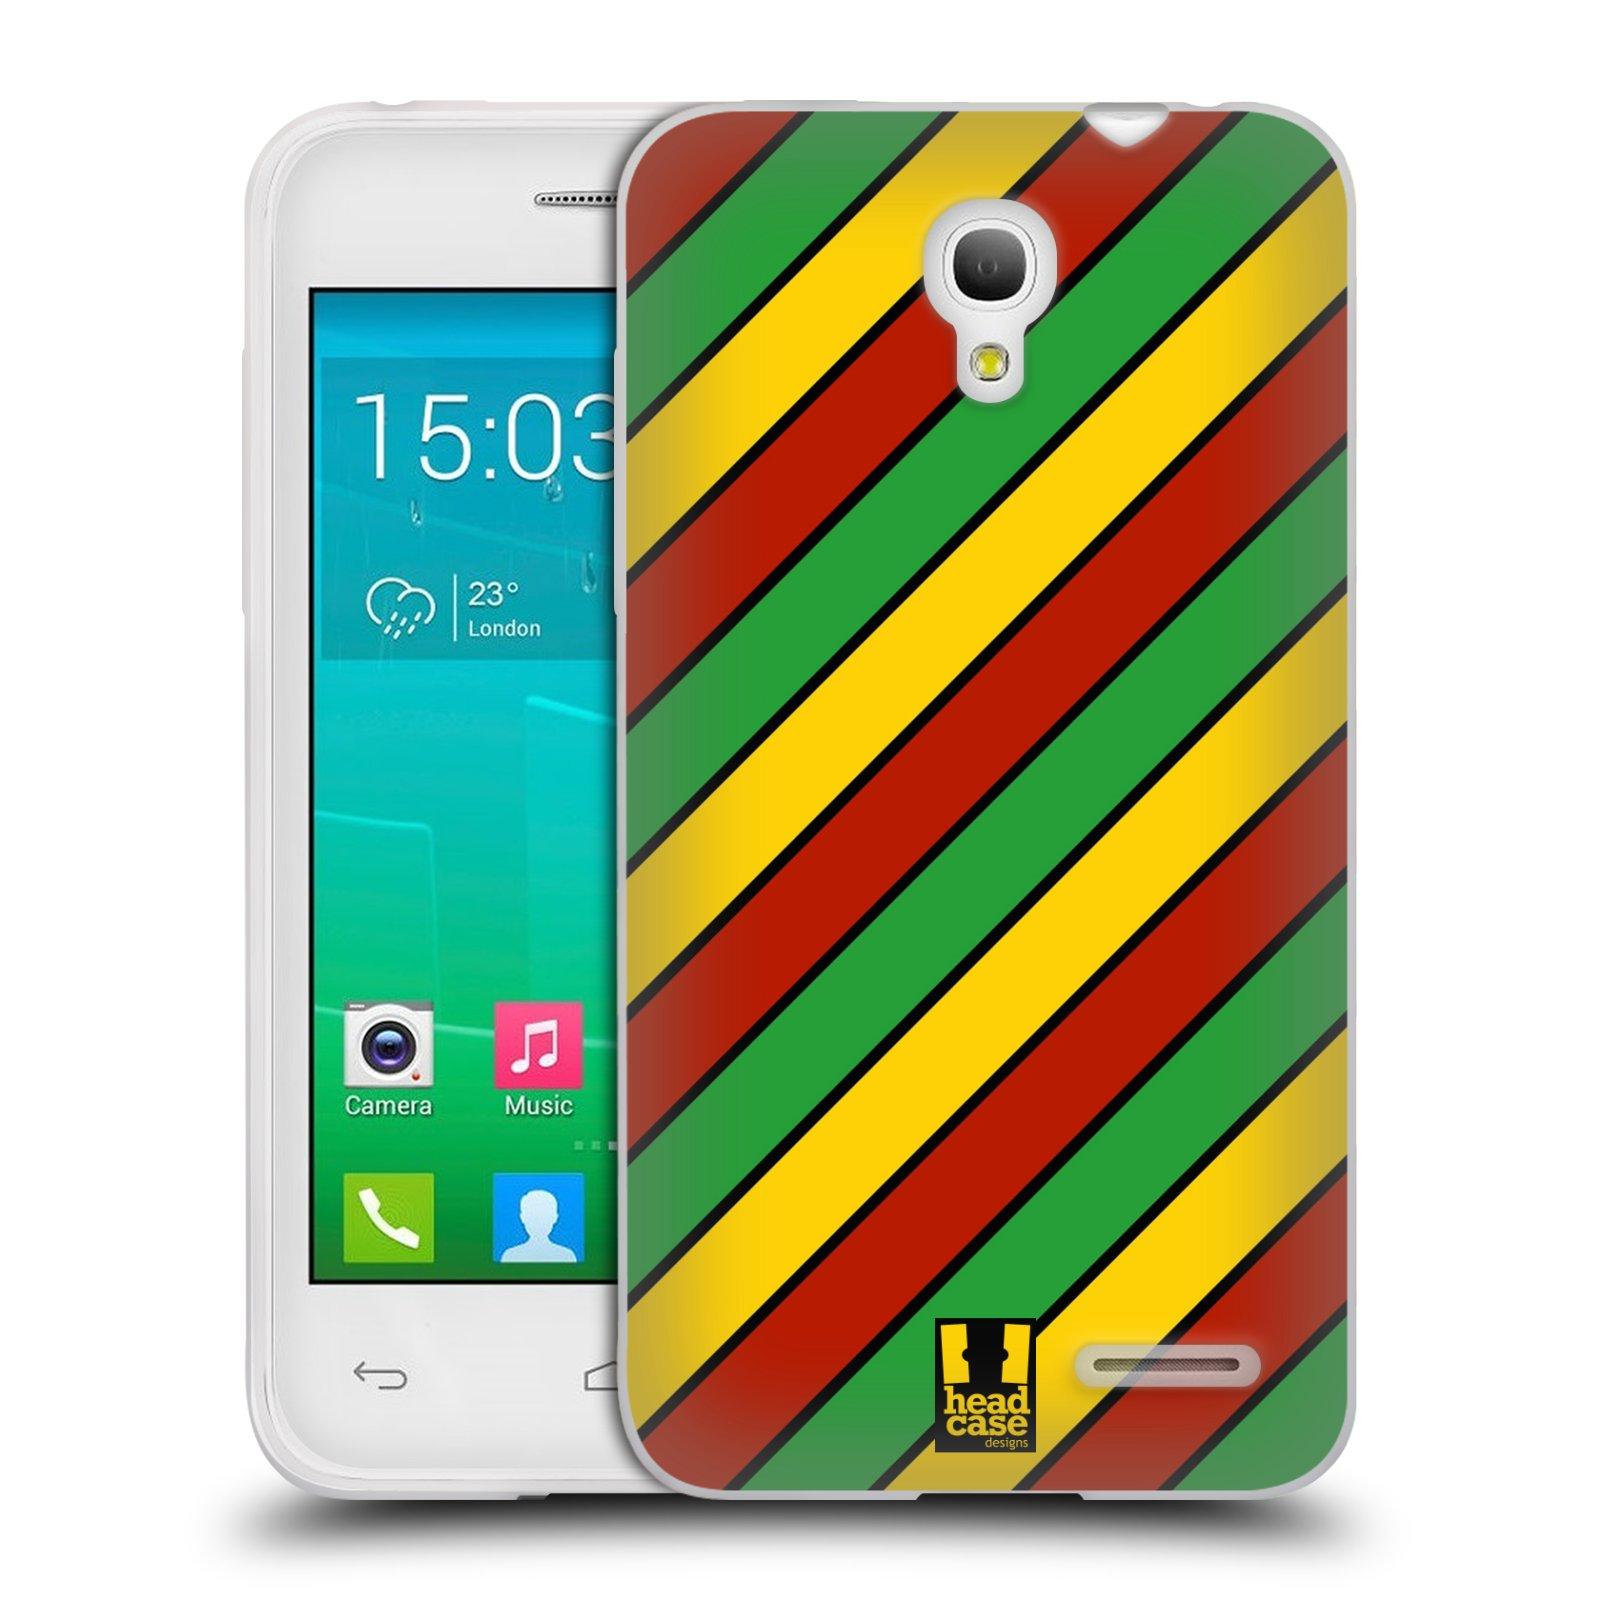 HEAD CASE silikonový obal na mobil Alcatel POP S3 OT-5050Y vzor Rasta barevné vzory PRUHY